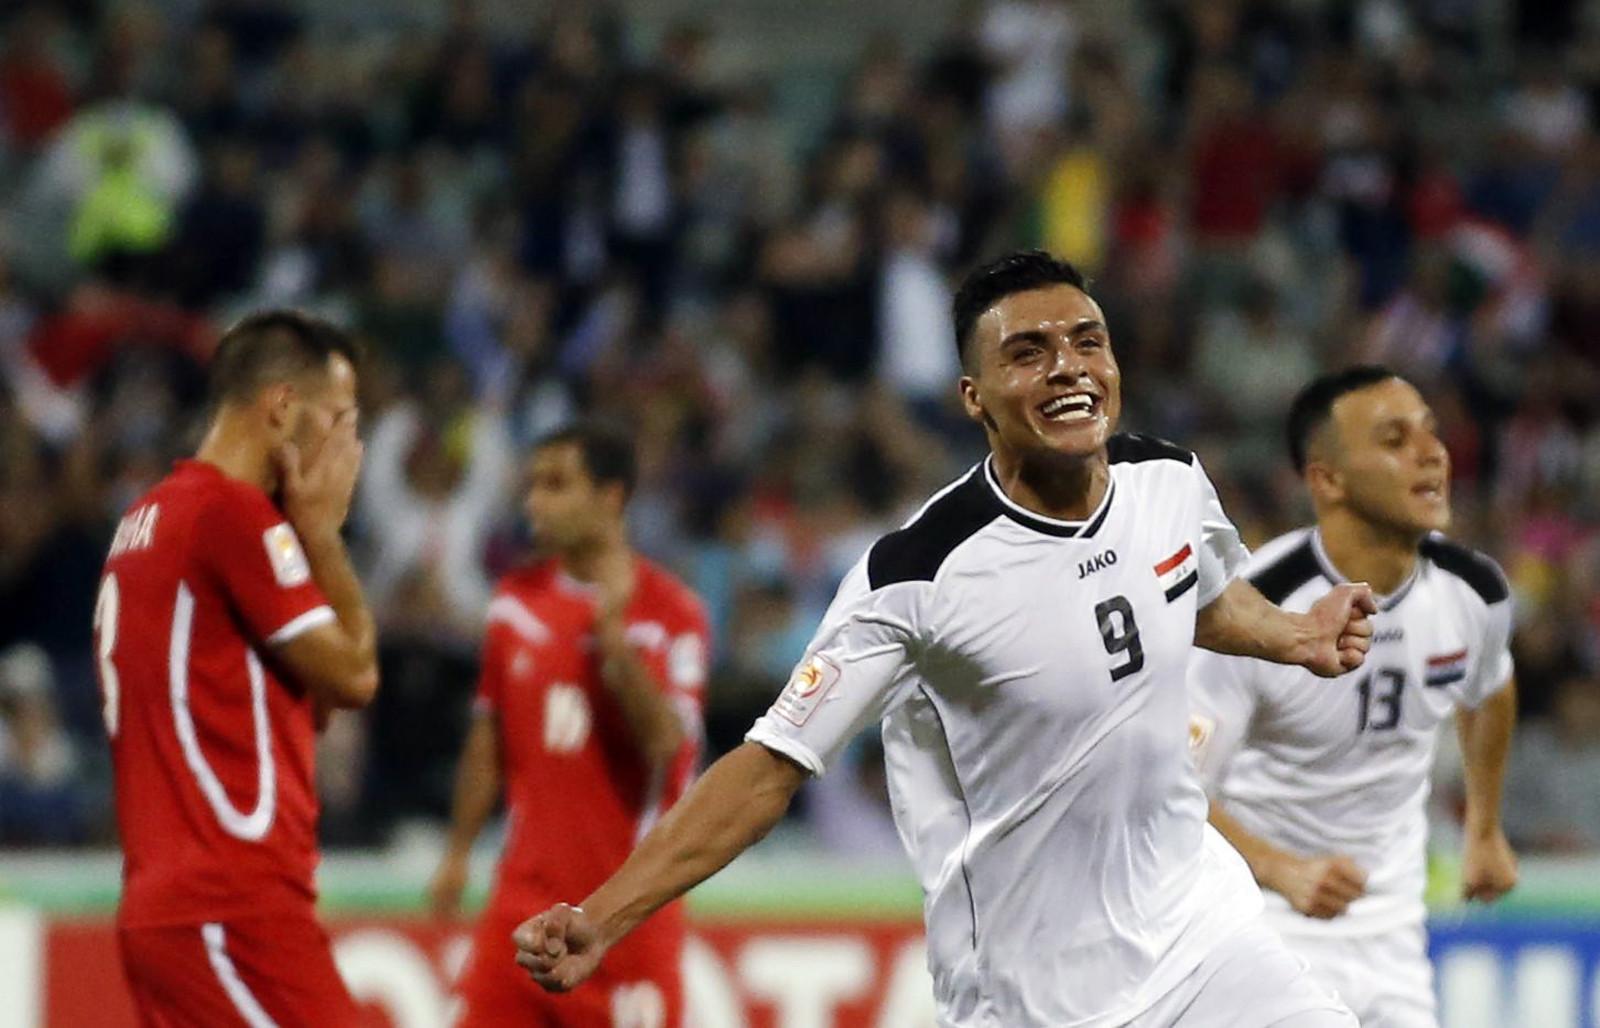 كأس آسيا .. العراق يضرب موعدا مع إيران في الدور ربع النهائي